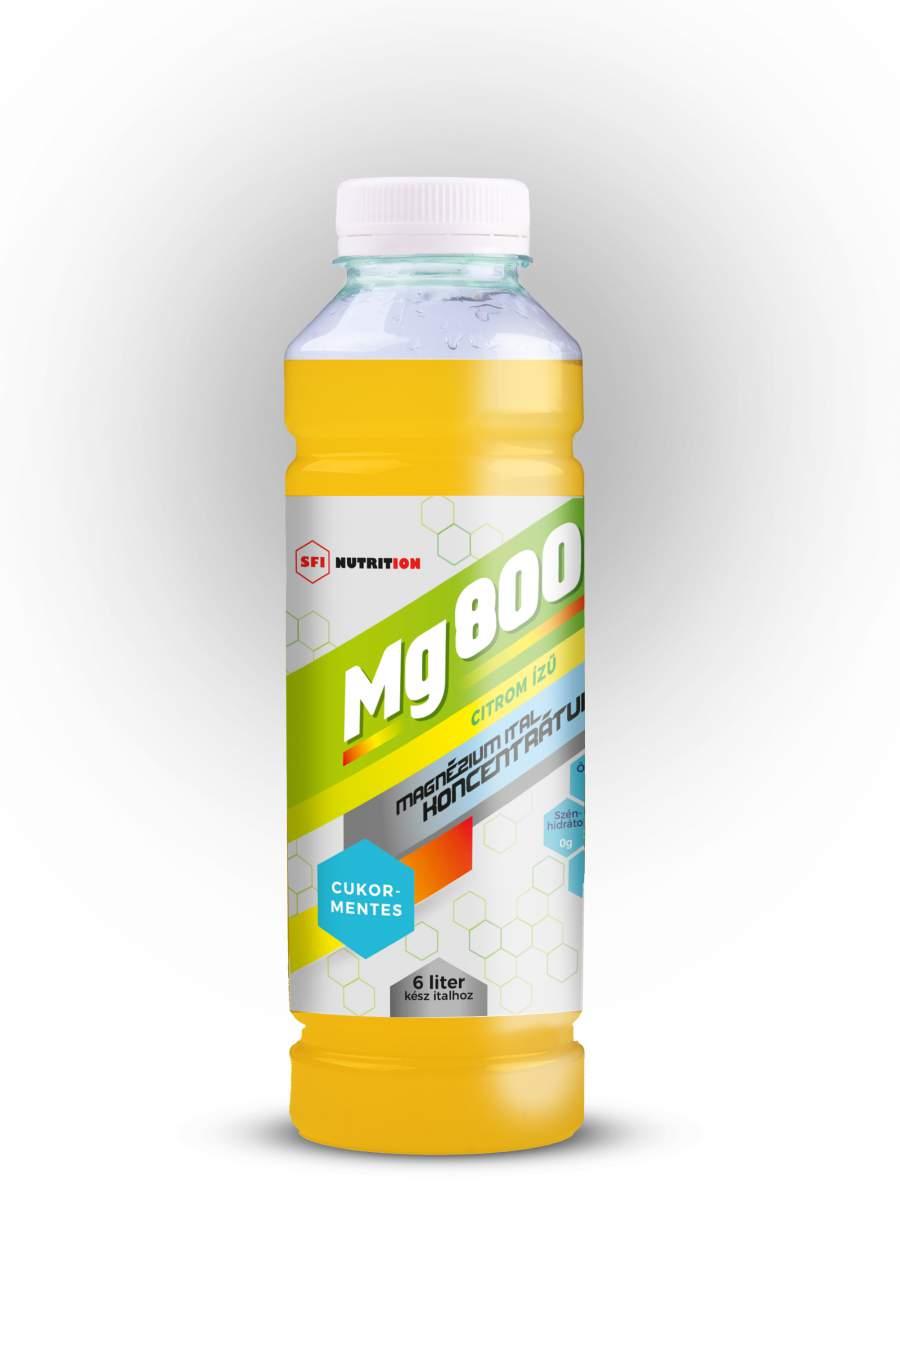 Mg 800 szteviával édesített magnézium koncentrátum narancsos izű